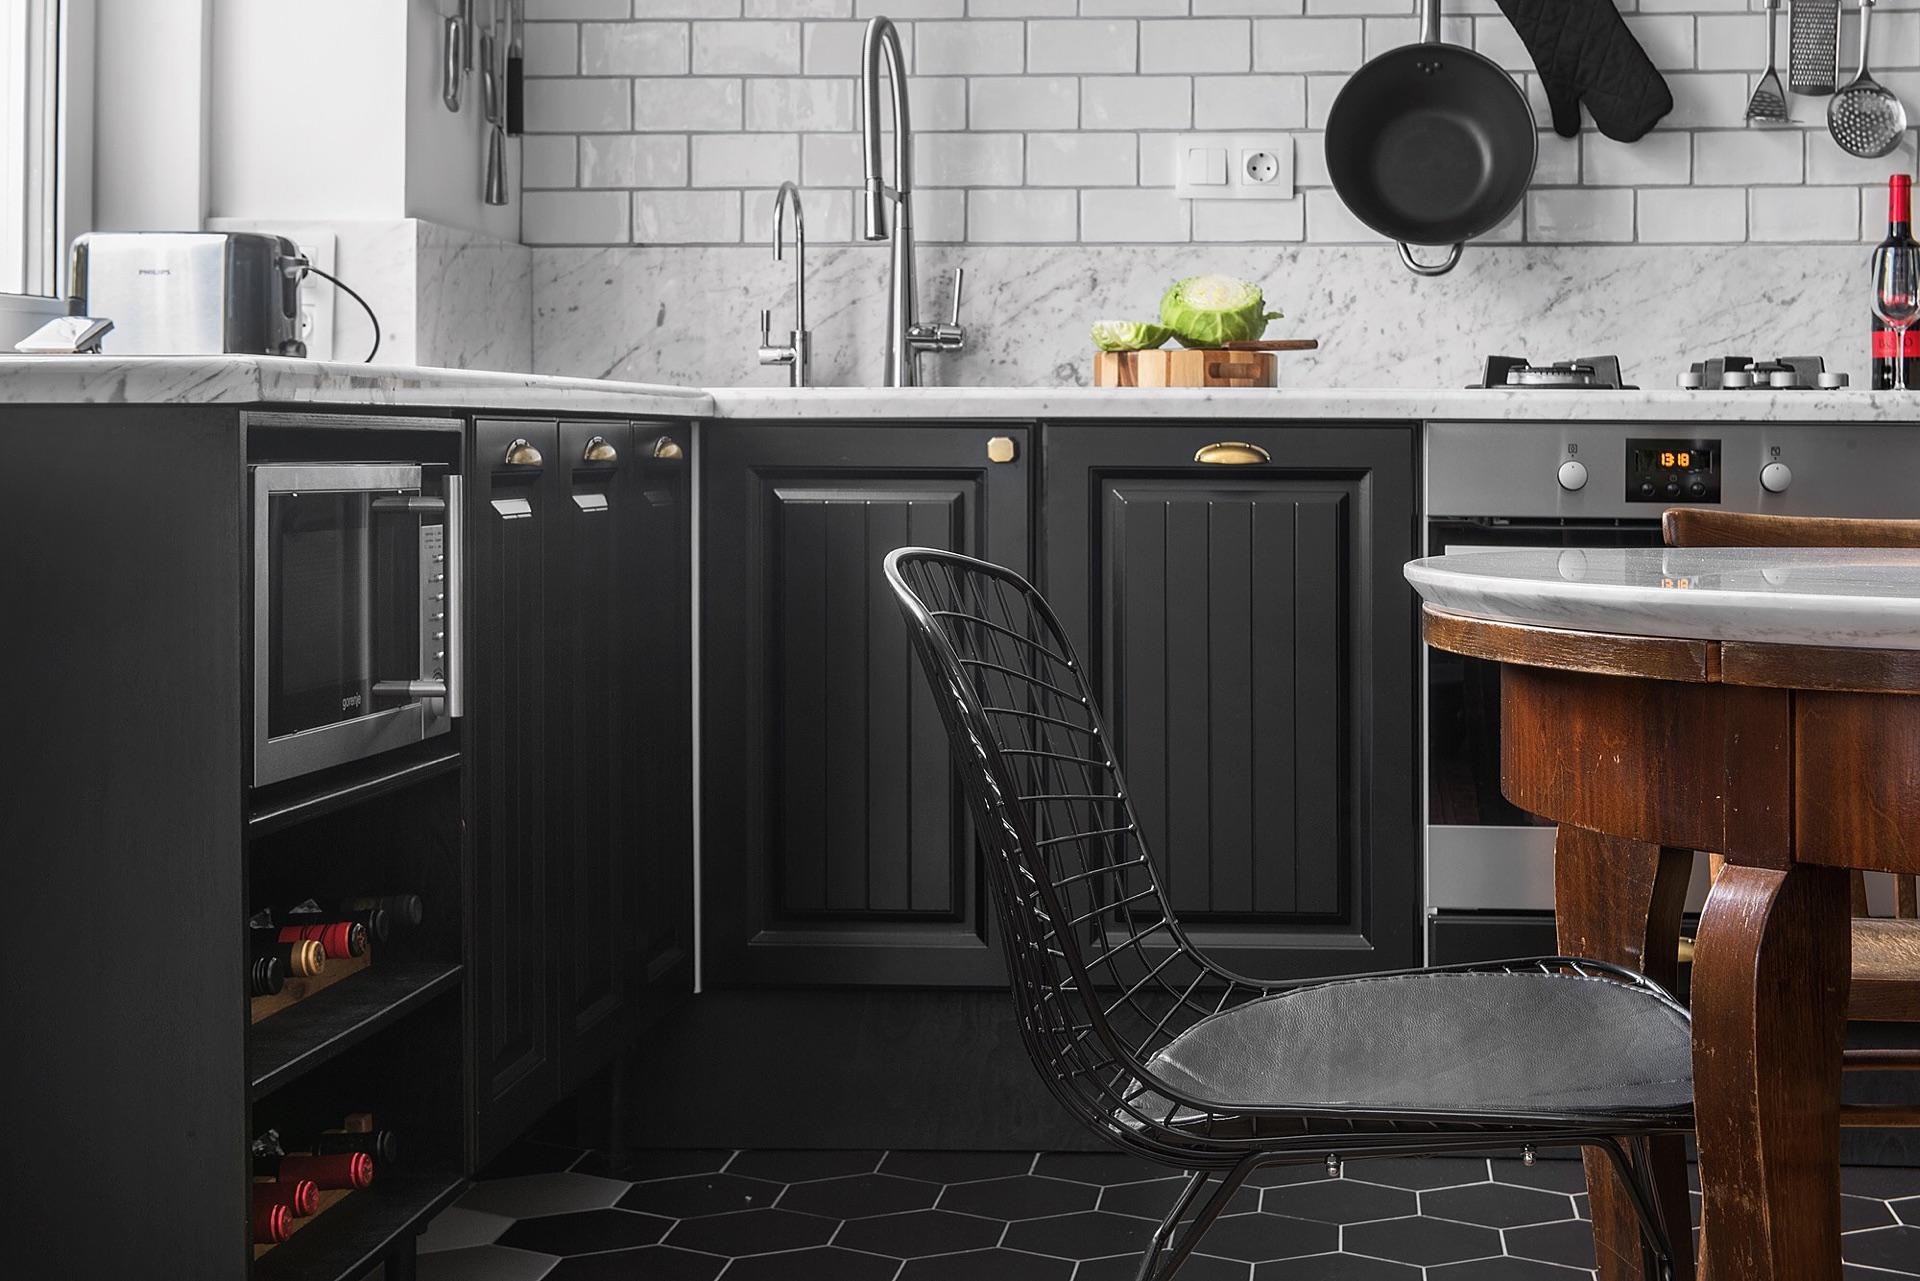 кухонная мебель коричневые фасады филёнка рабочая зона